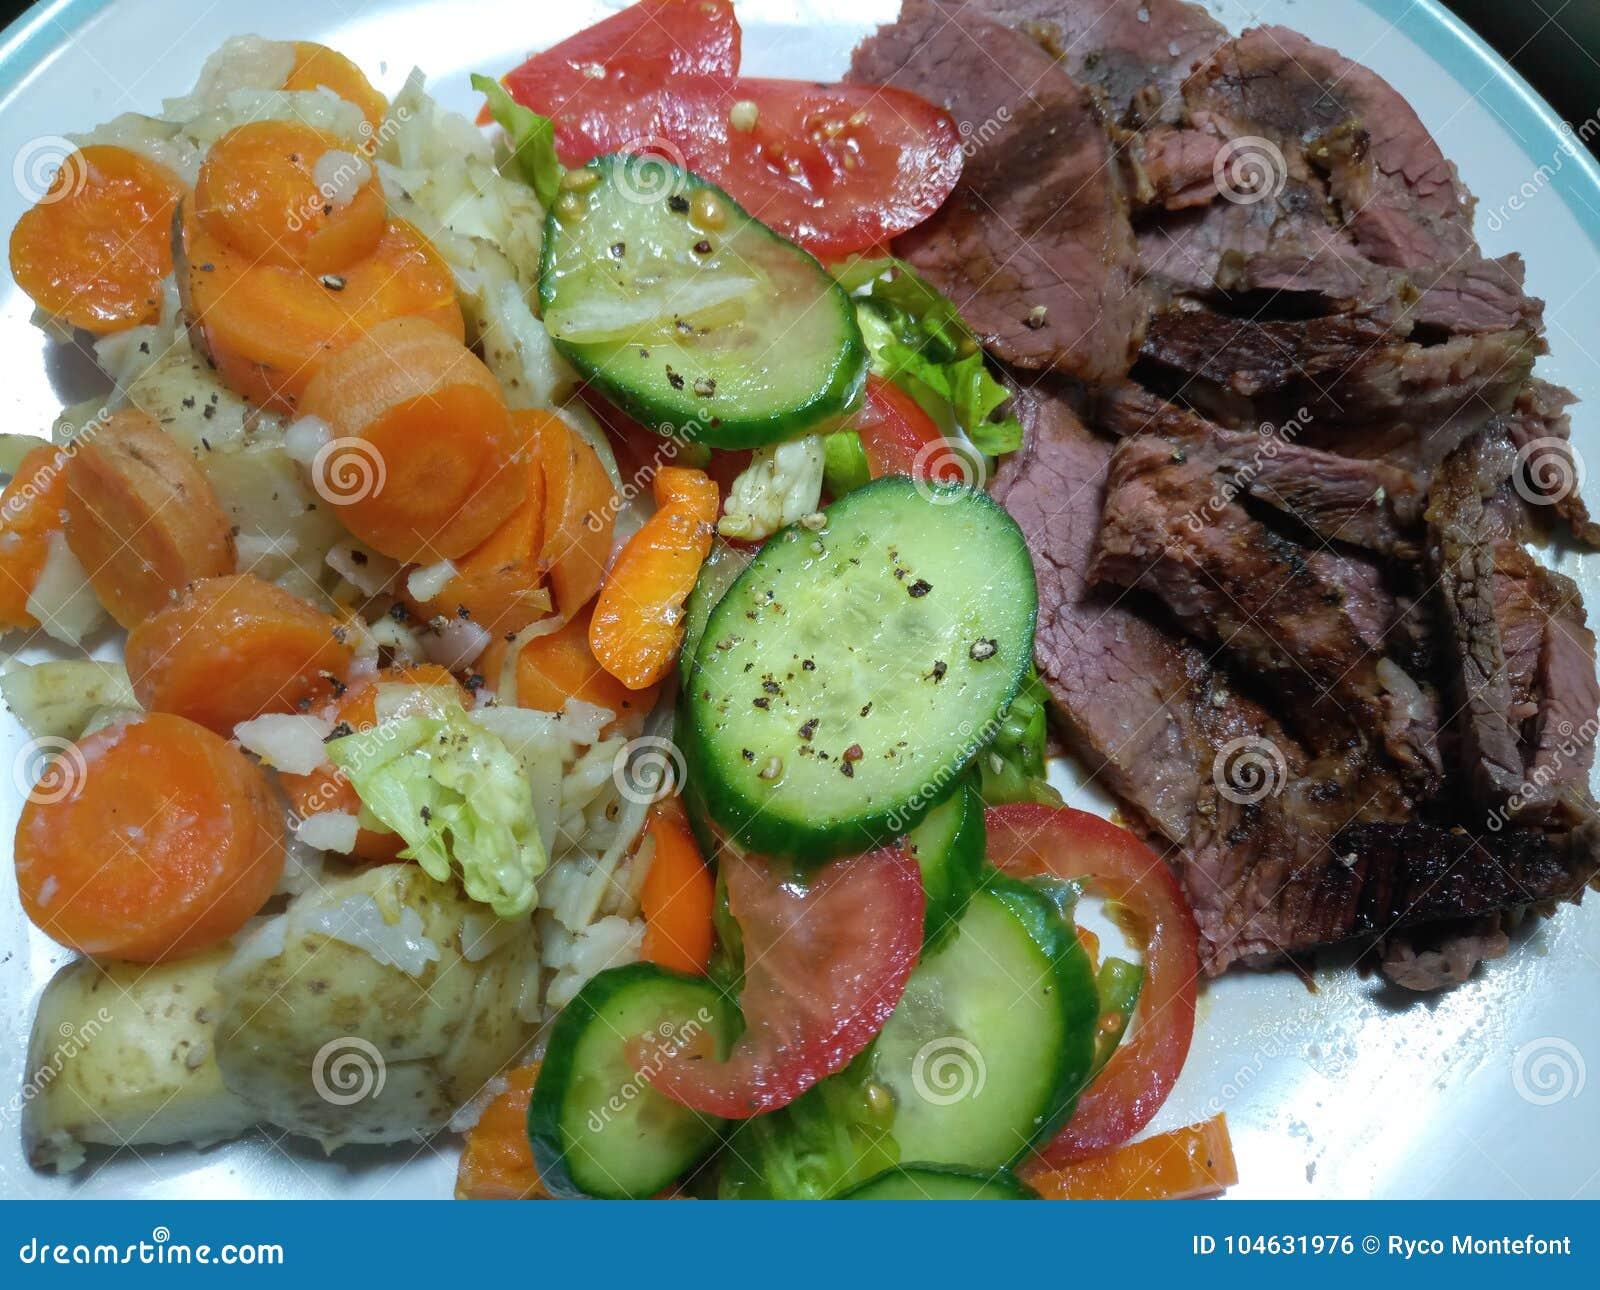 Download Gezonde Maaltijd Met Zeldzame Gekookte Vleessalade En Hete Aardappels En Wortelen Stock Foto - Afbeelding bestaande uit aardappels, gediend: 104631976